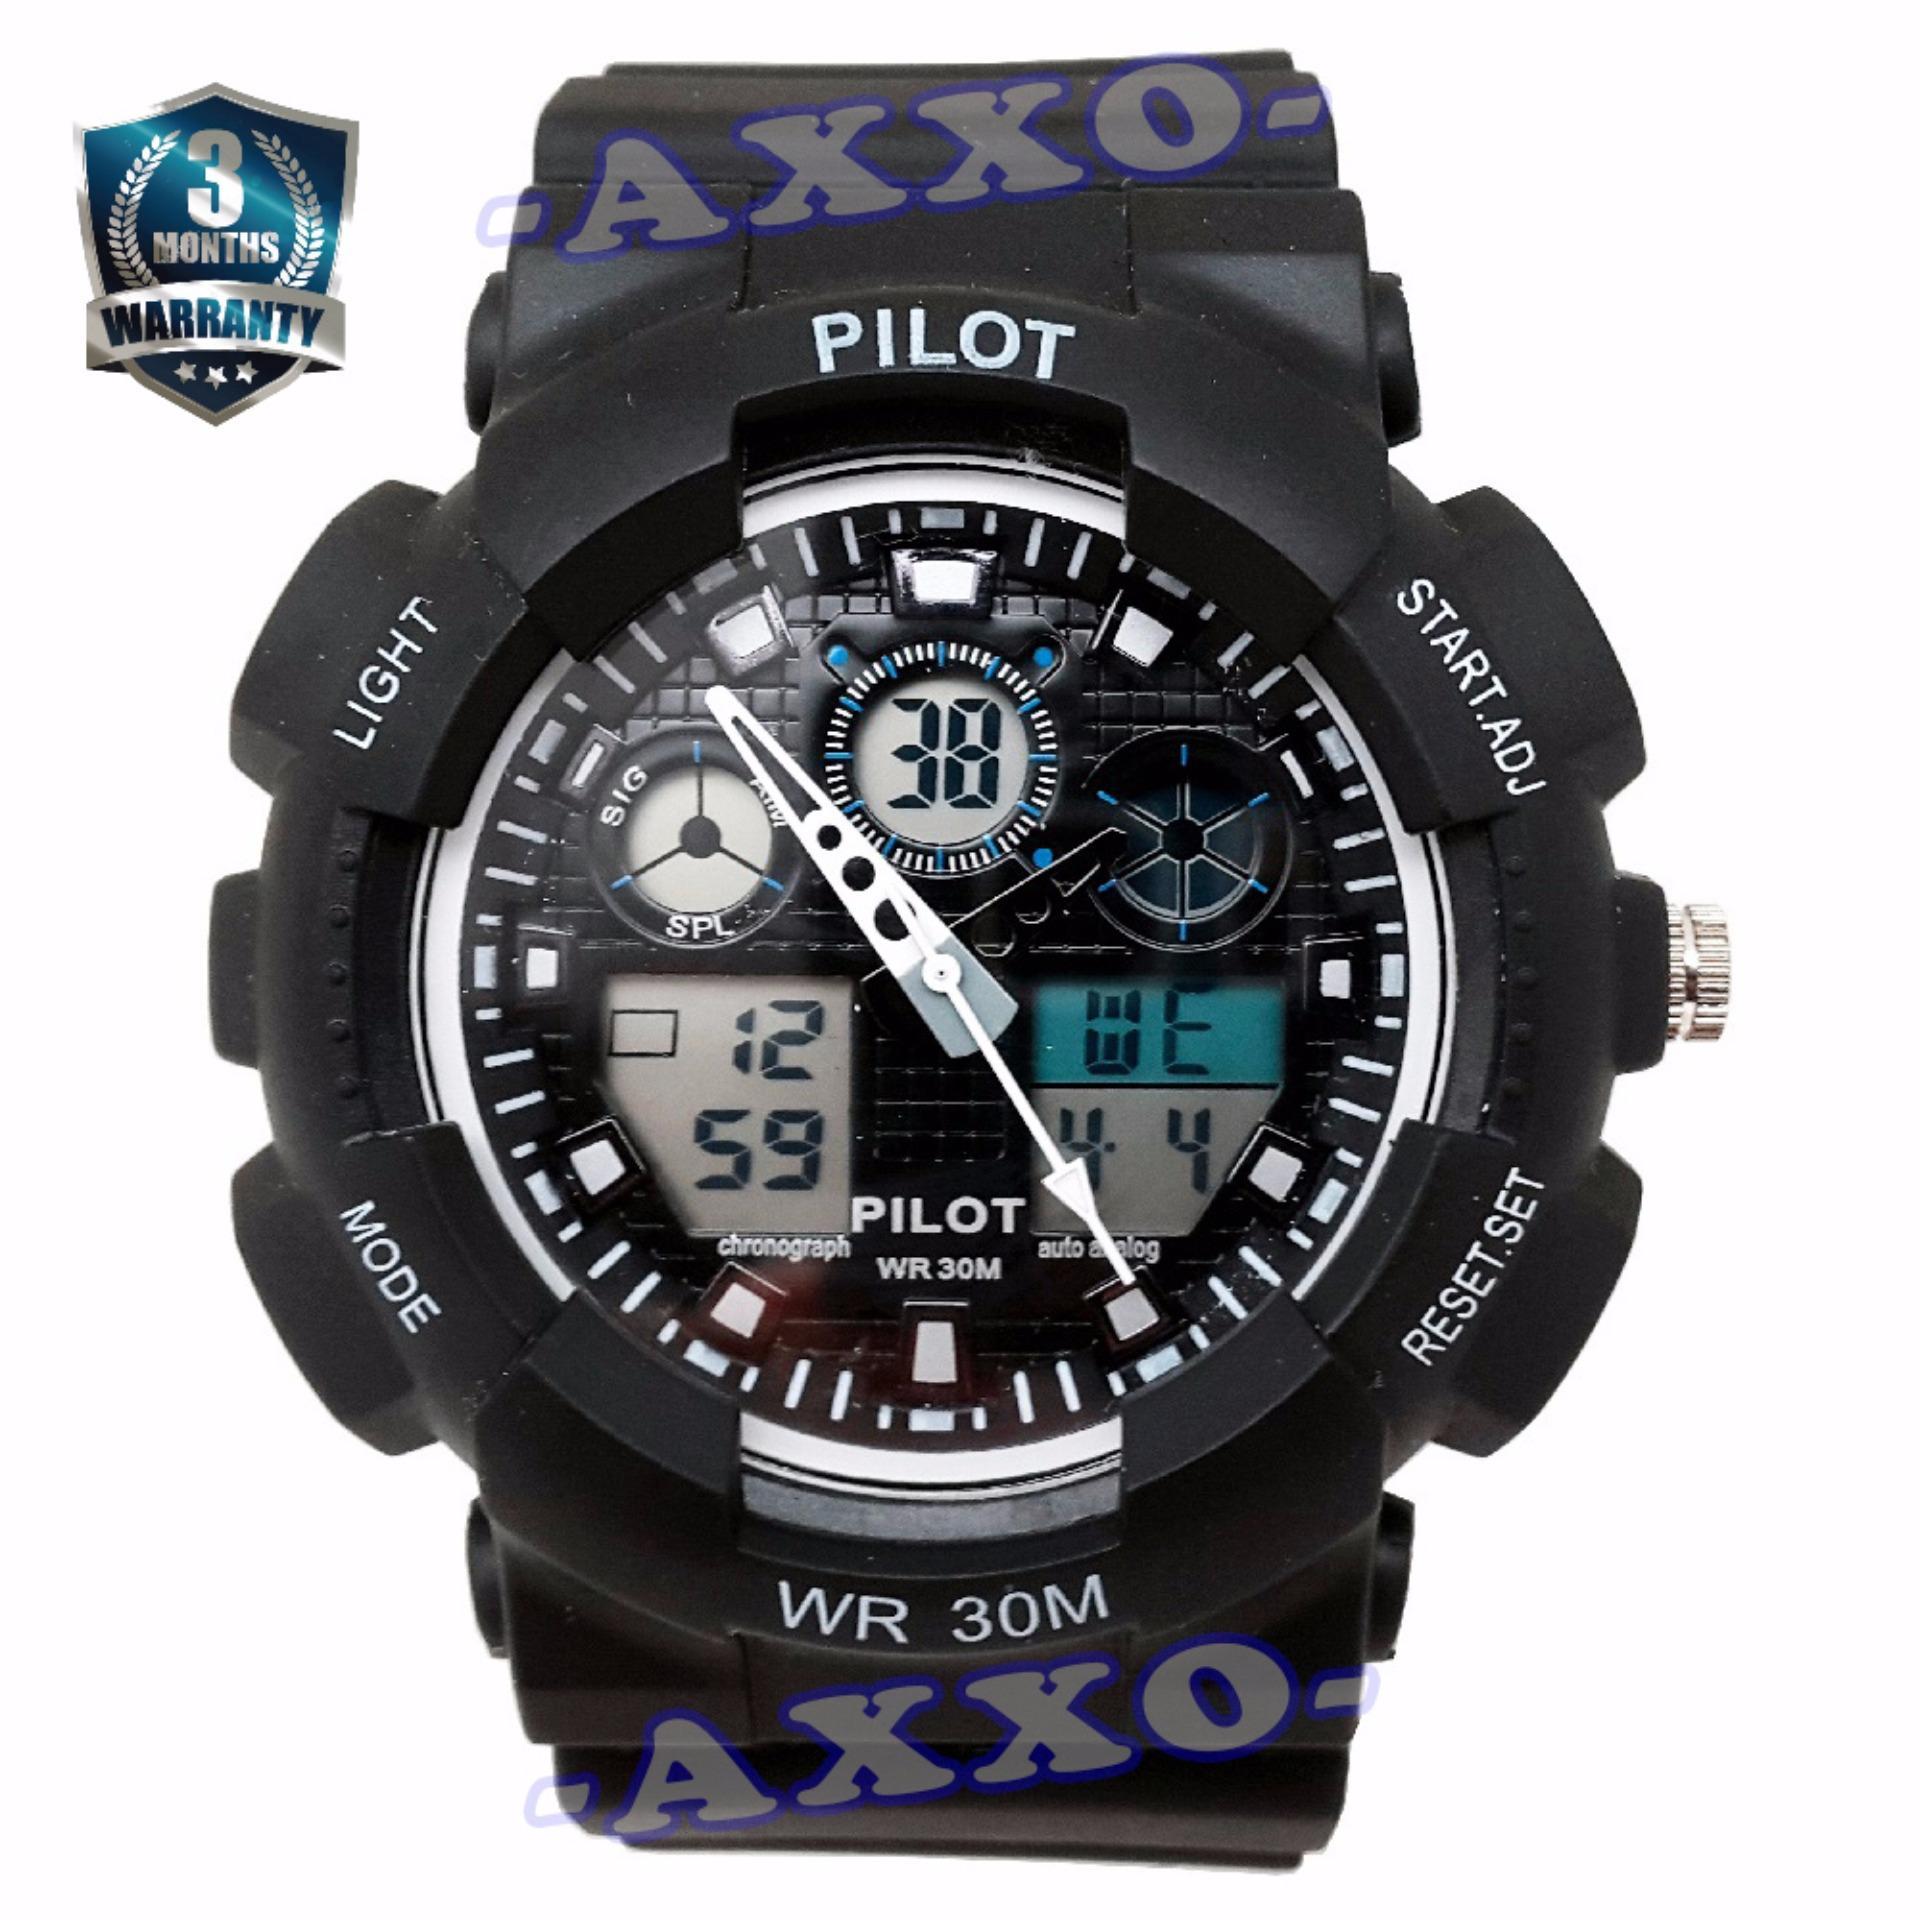 Beli Pilot Waterproof Digital Sport Jam Tangan Pria Strap Karet Hitam Putih Plt 1145 Online Murah